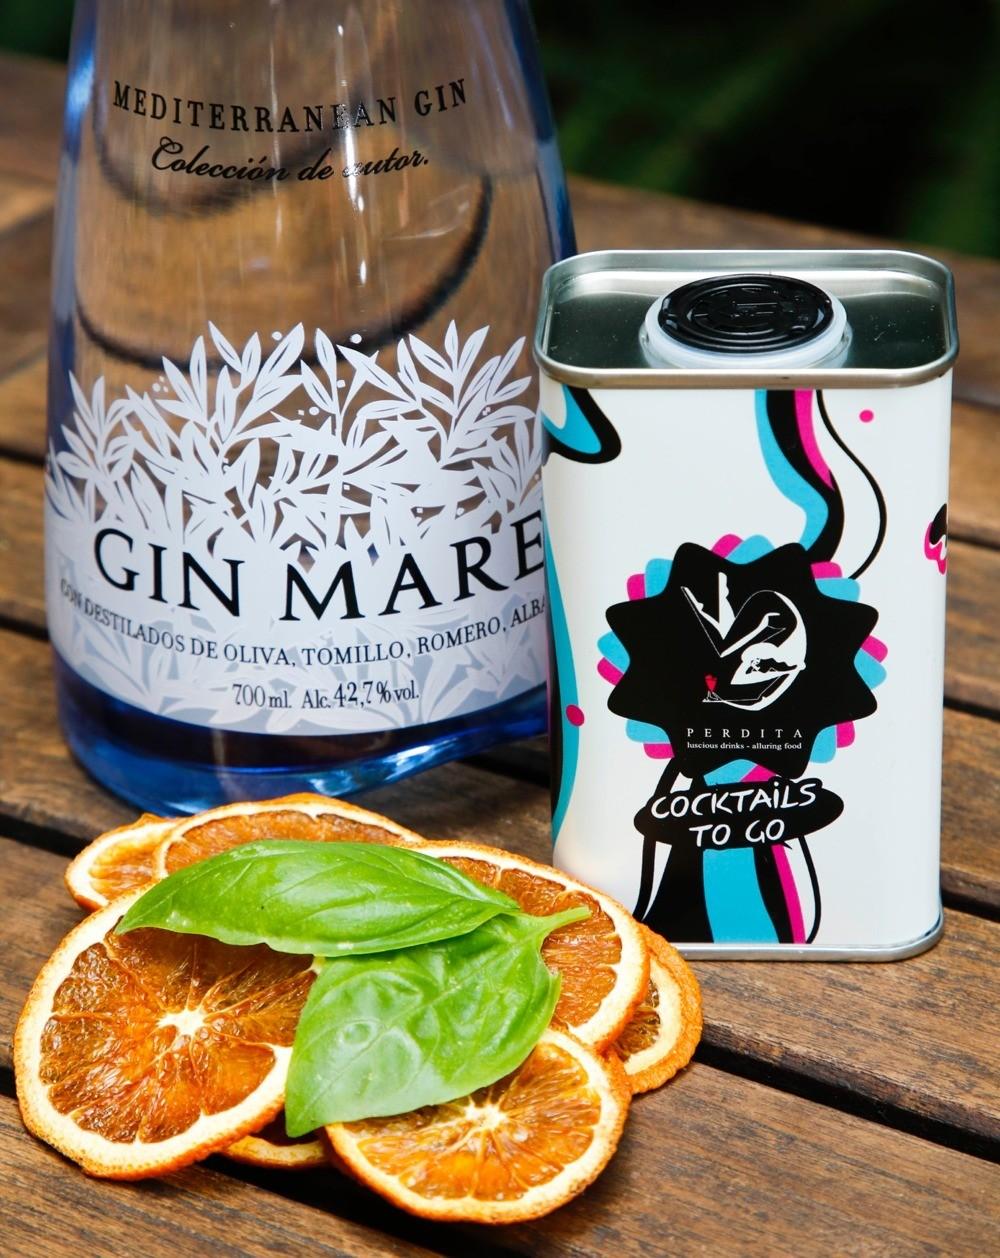 Cócteles to Go: con Gin Mare estás Perdita.